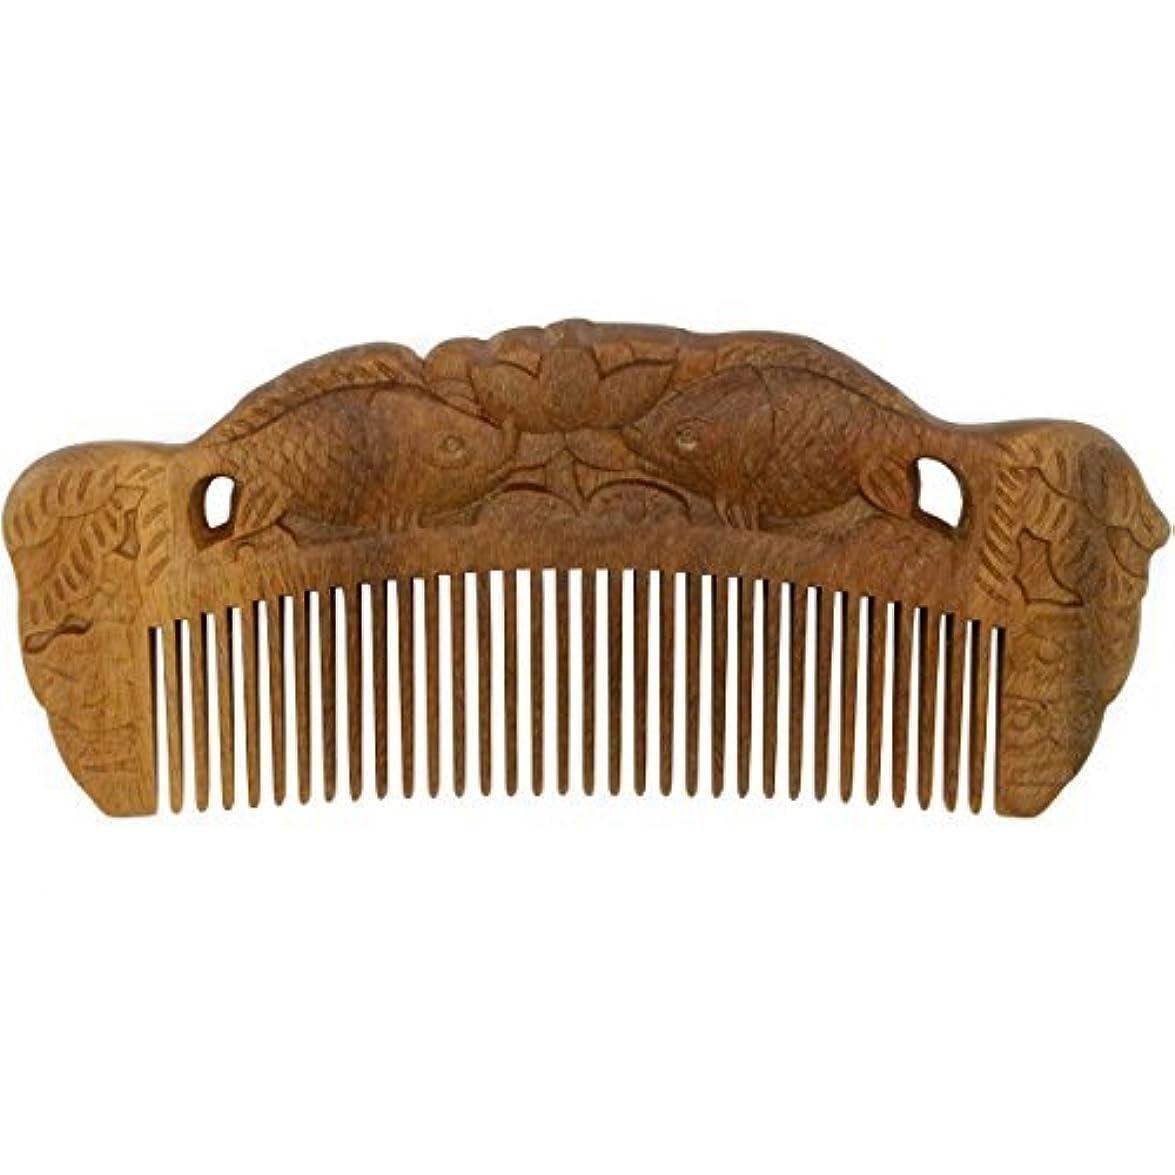 適性学習者メロドラマYOY Handmade Carved Natural Sandalwood Hair Comb - Anti-static No Snag Brush for Men's Mustache Beard Care Anti...